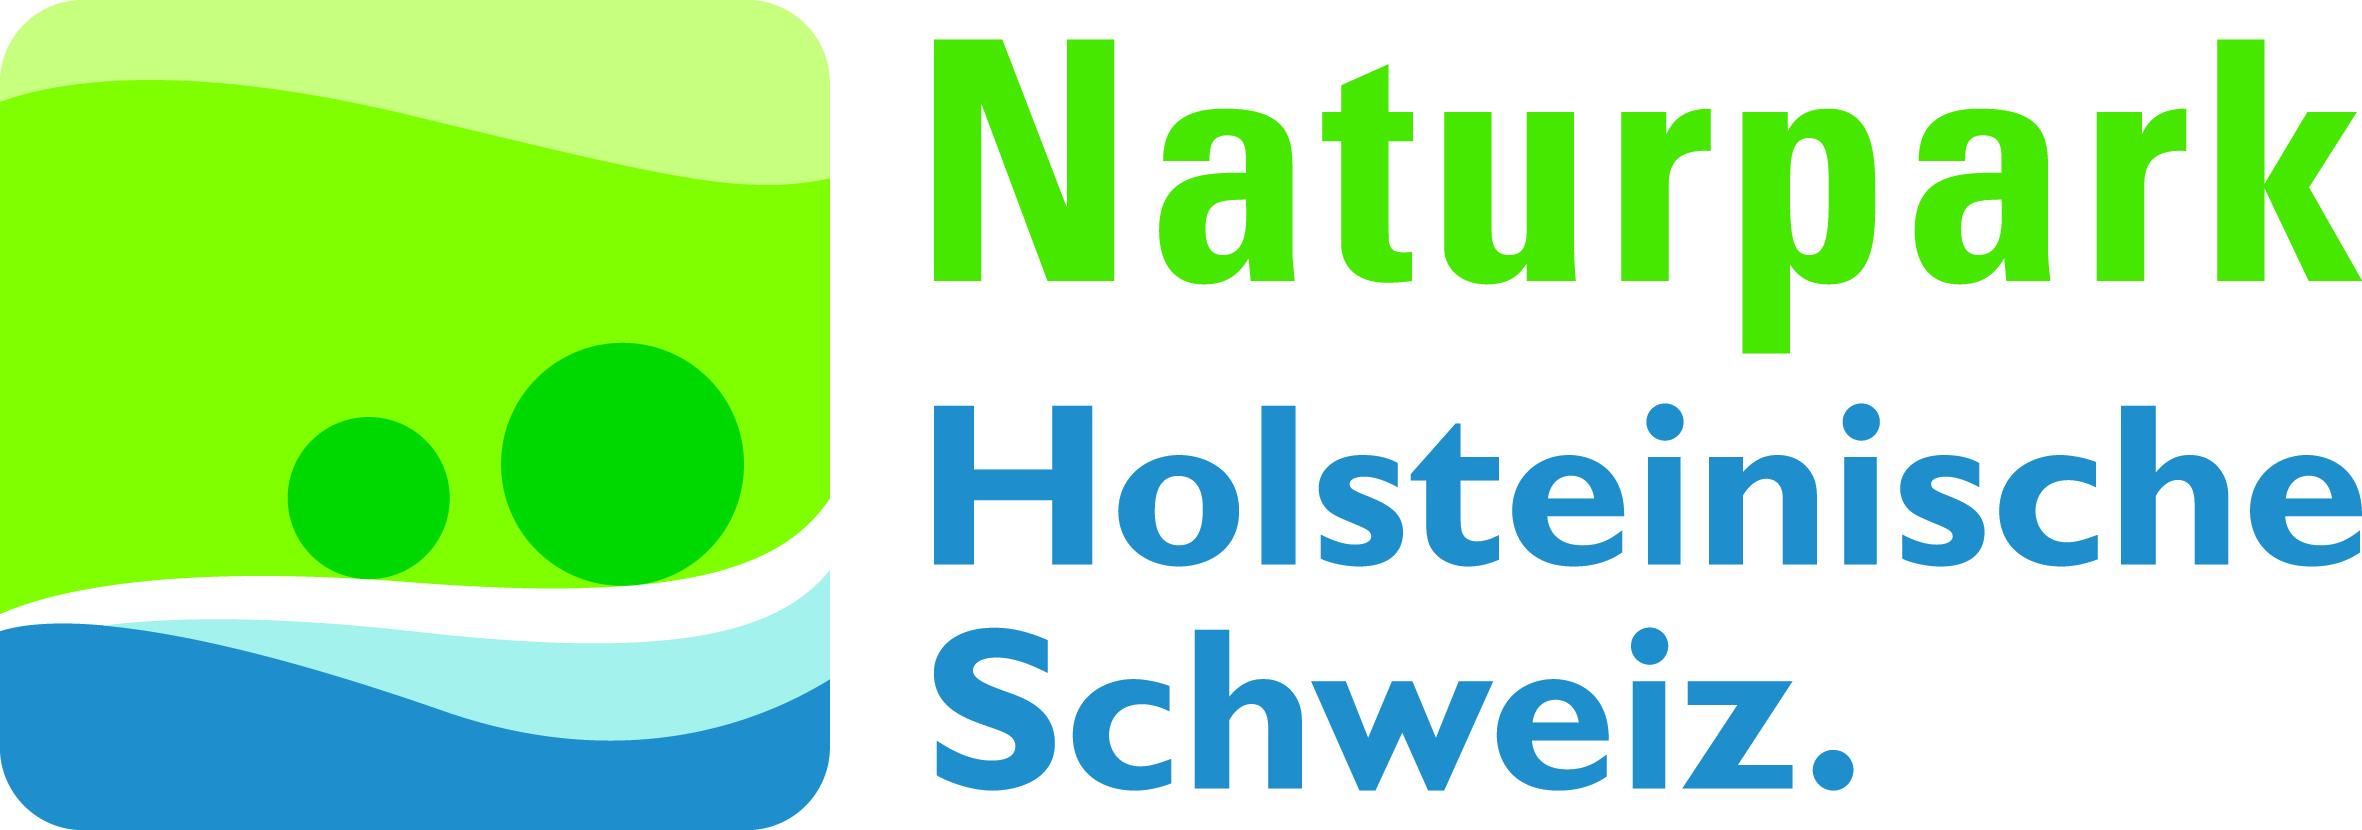 Logo NP Holst Schwz RZ CMYK1 Naturpark Vorstand ist komplett